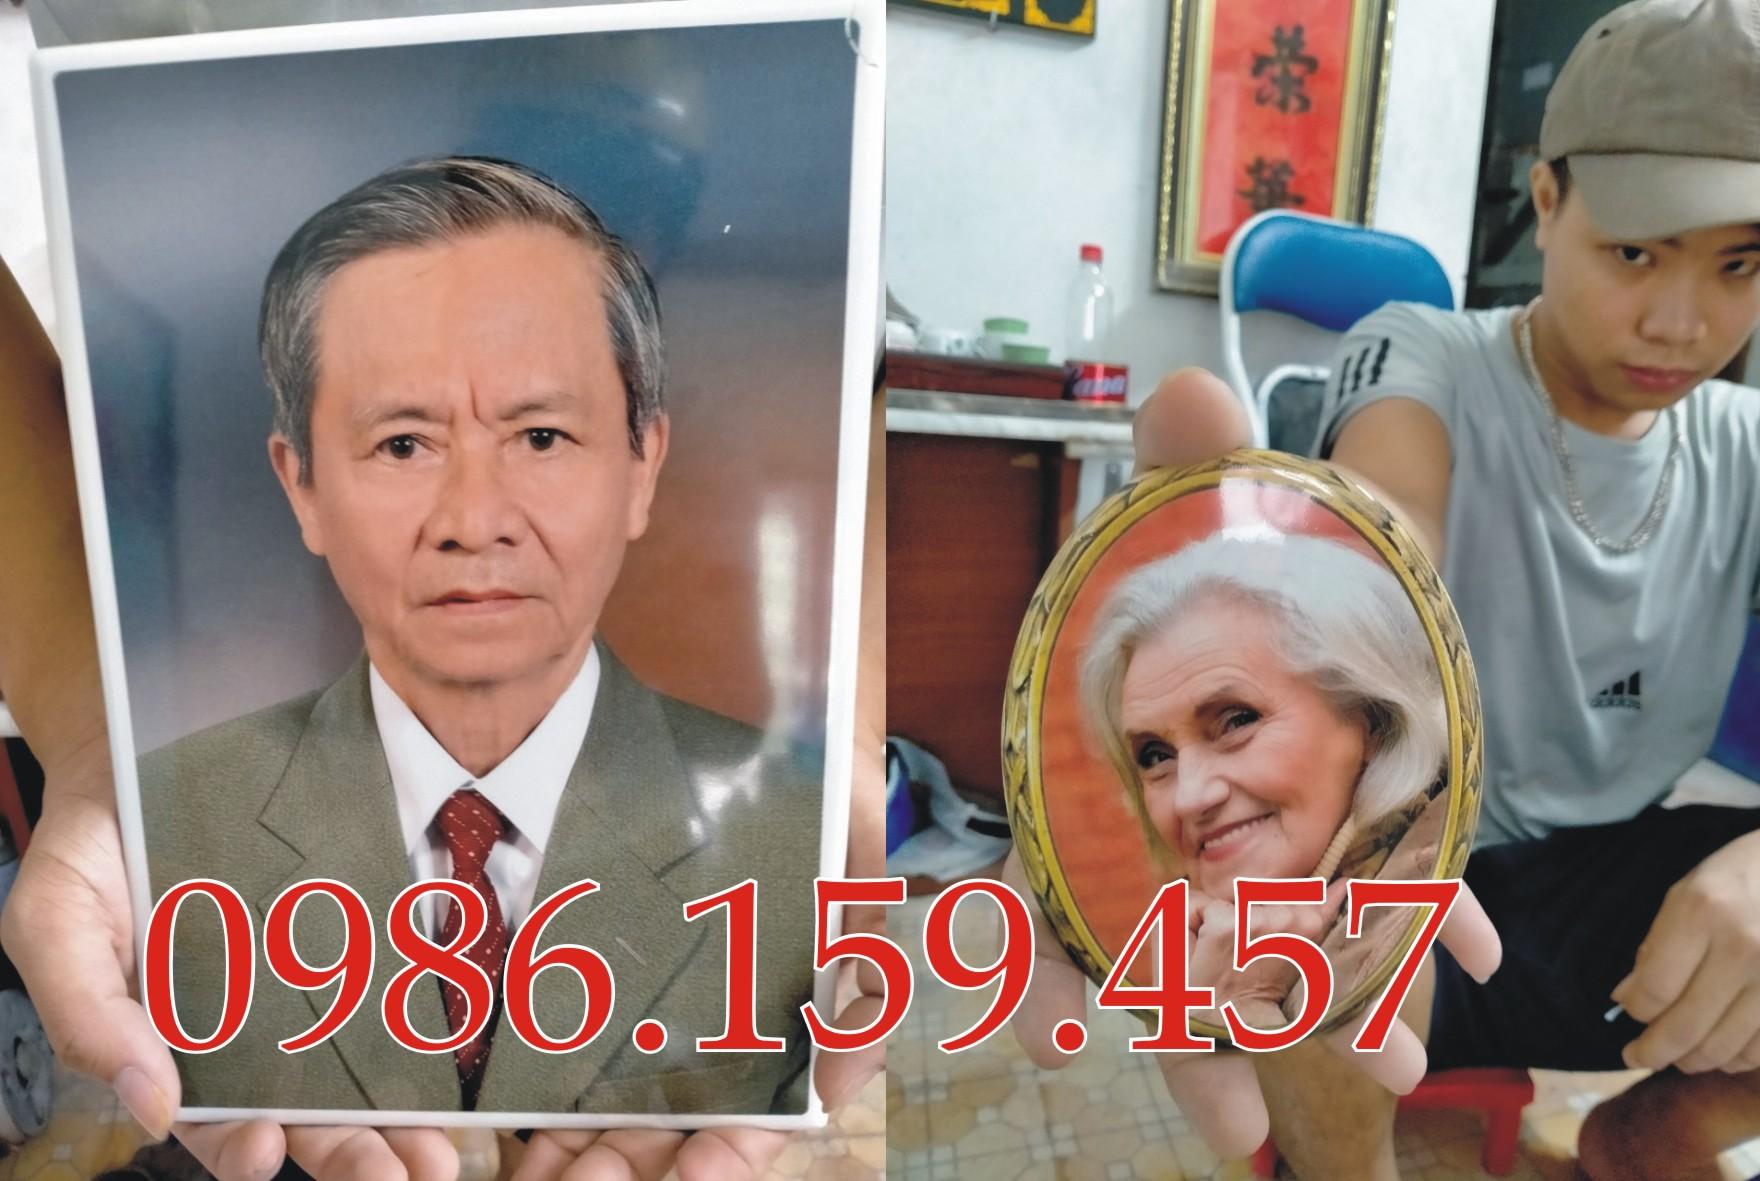 Ns 19 Dịch Vụ Chỉnh Sửa Ảnh Photoshop